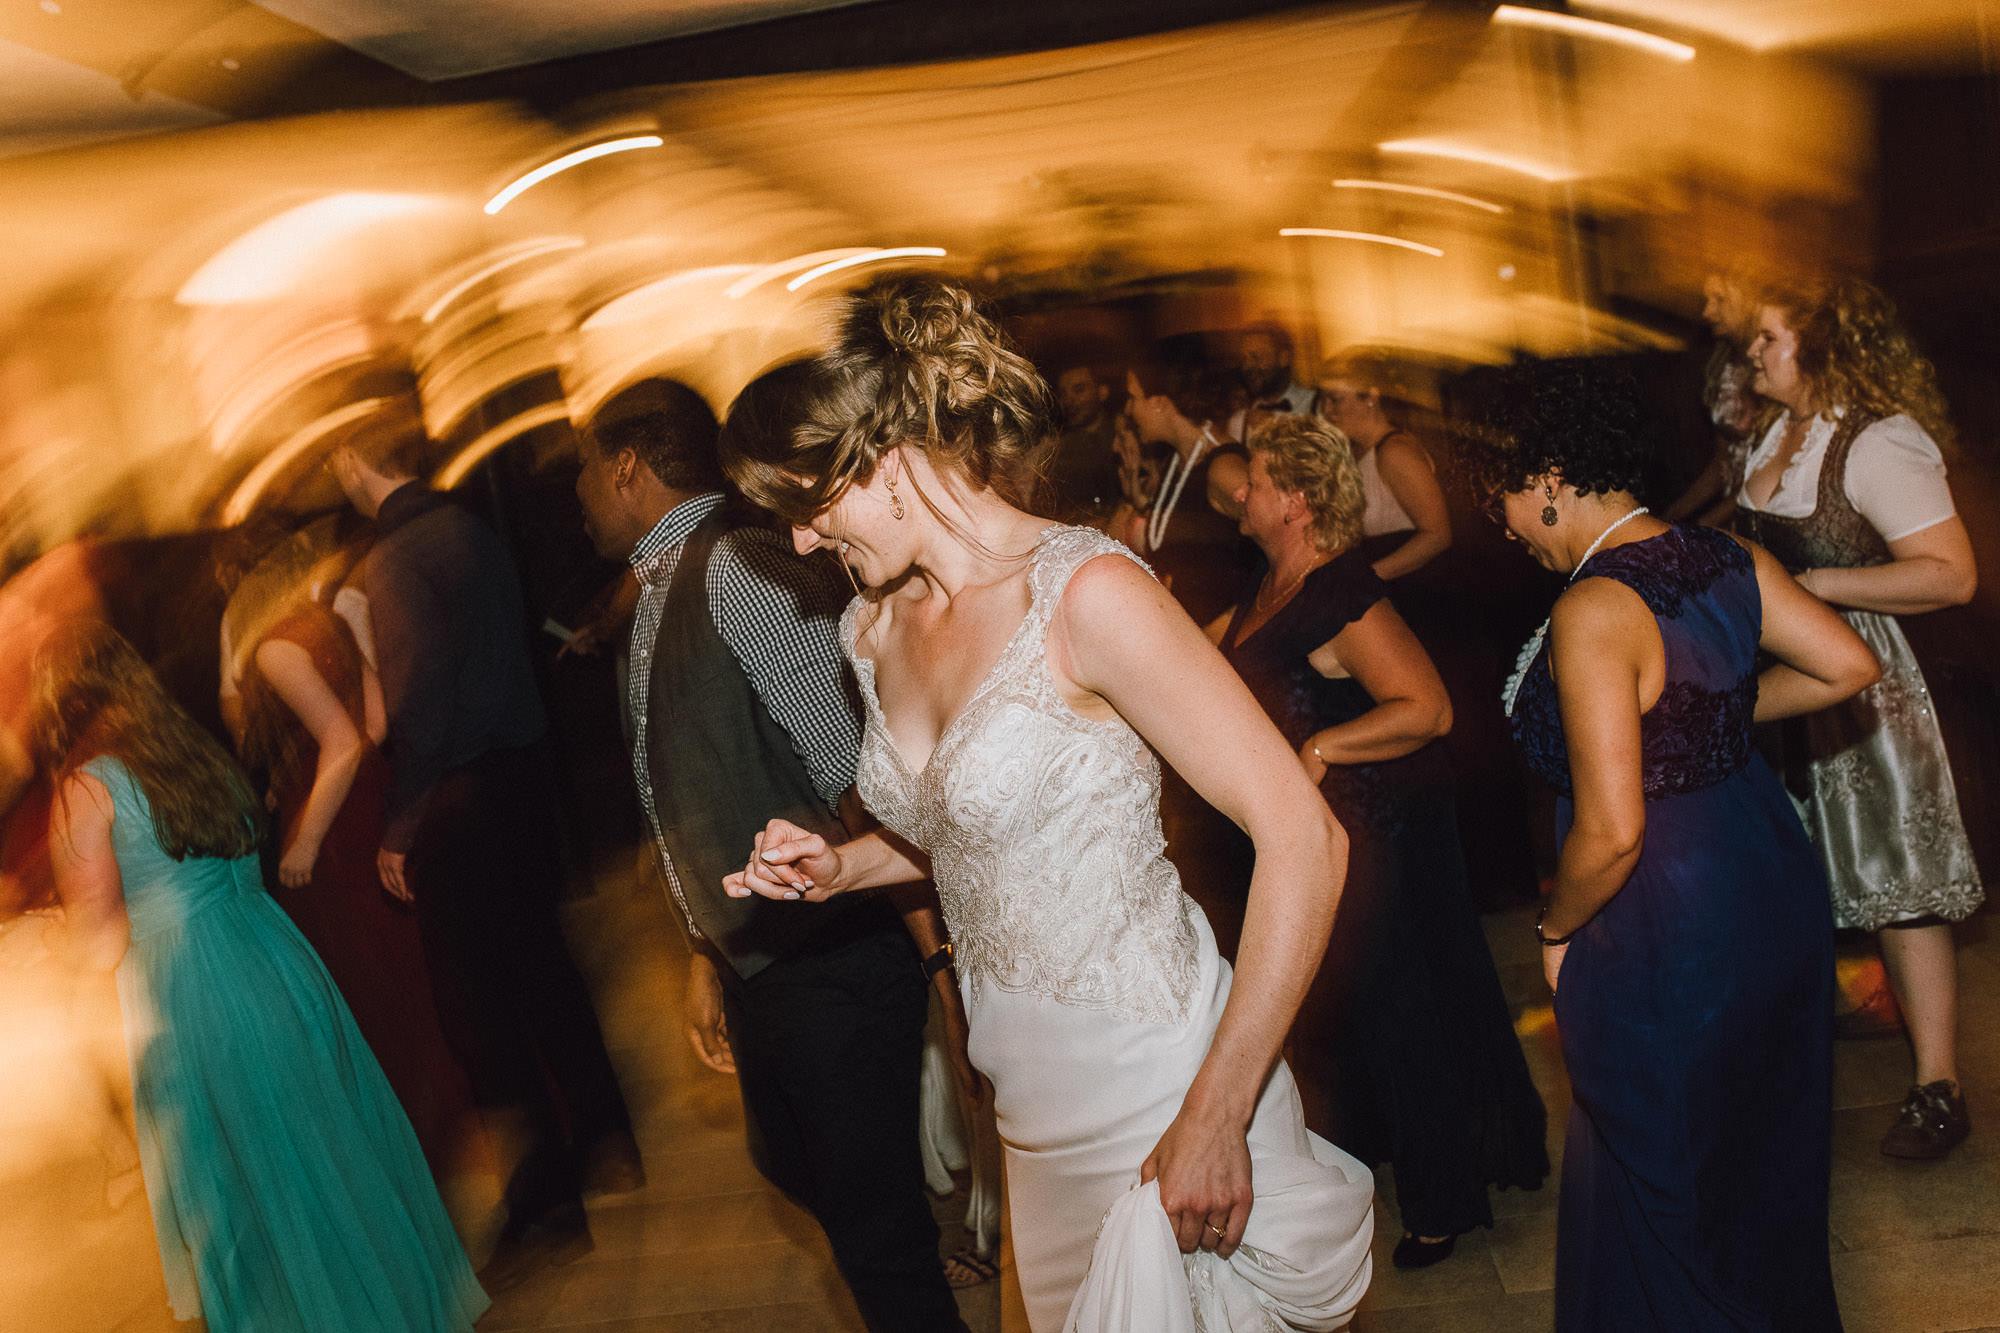 rustic-elegant-wedding-schloss-hochzeit-eyrichshof-franken-bamberg-148